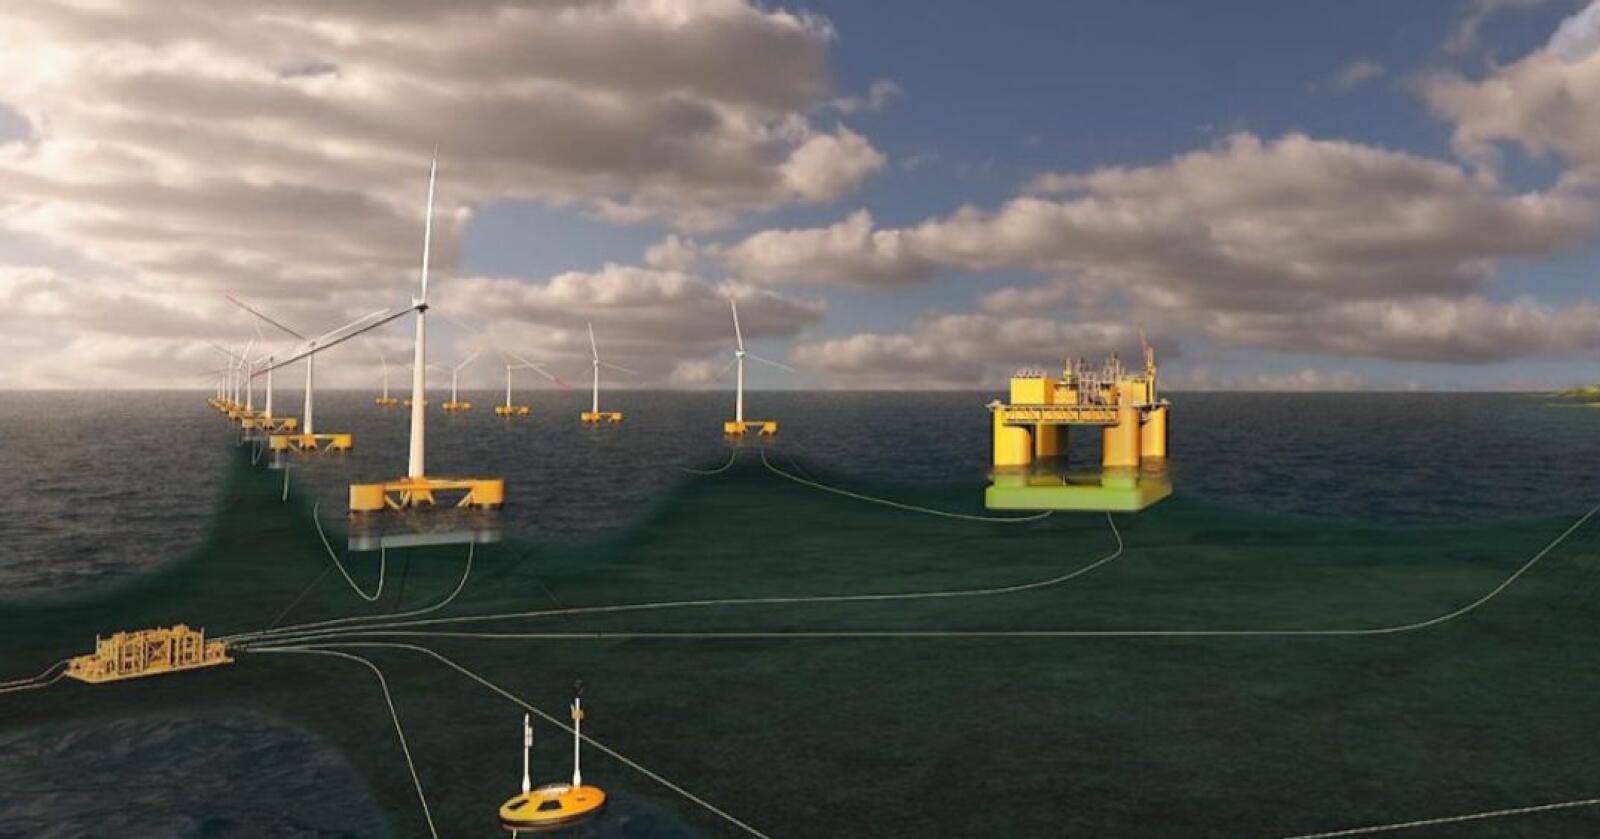 Aker offshore wind ønsker å bygge marine næringsparker ved å samlokalisere flere typer næringer rundt havvindkraft- anlegg